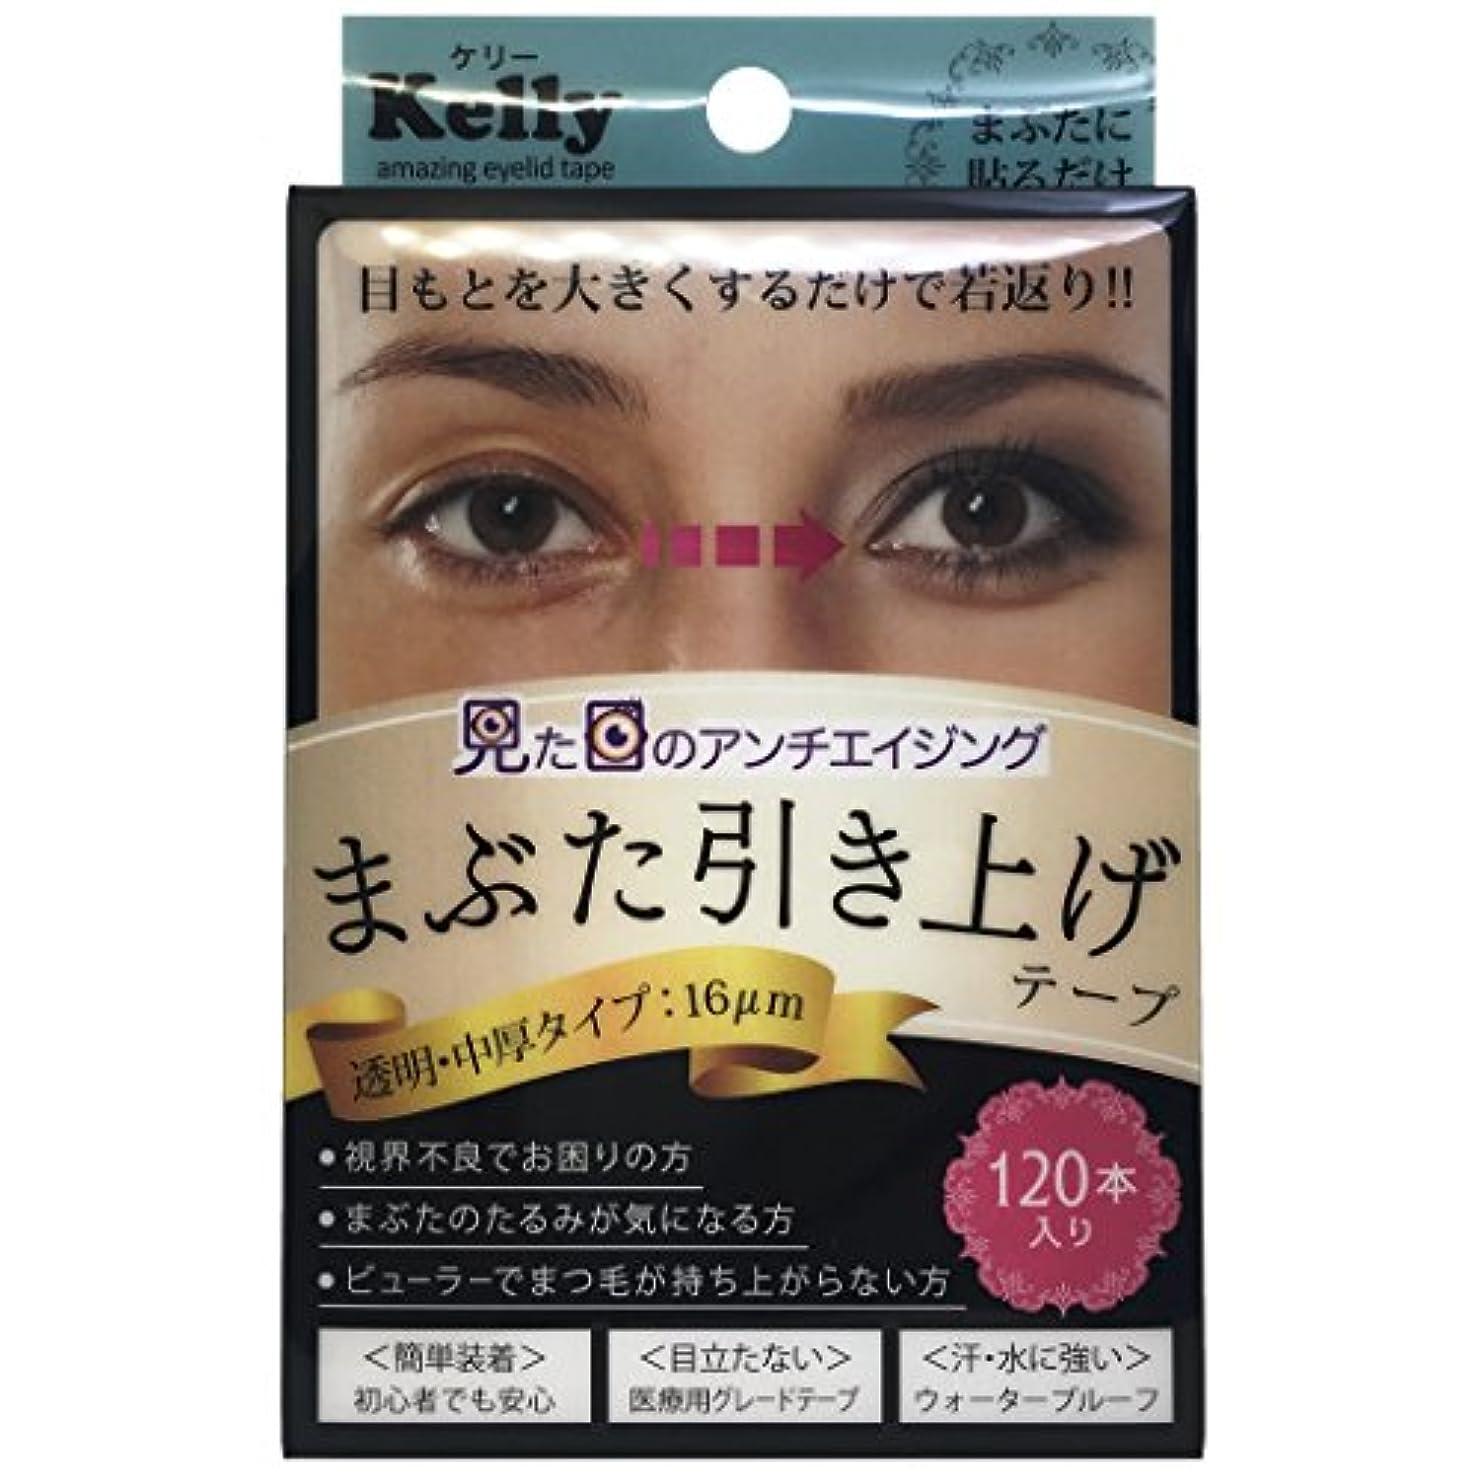 キャビン者森ケリー アメイジングアイリッドテープ 〈眼瞼下垂防止テープ〉 クリア 両面 中厚芯 (120枚入)